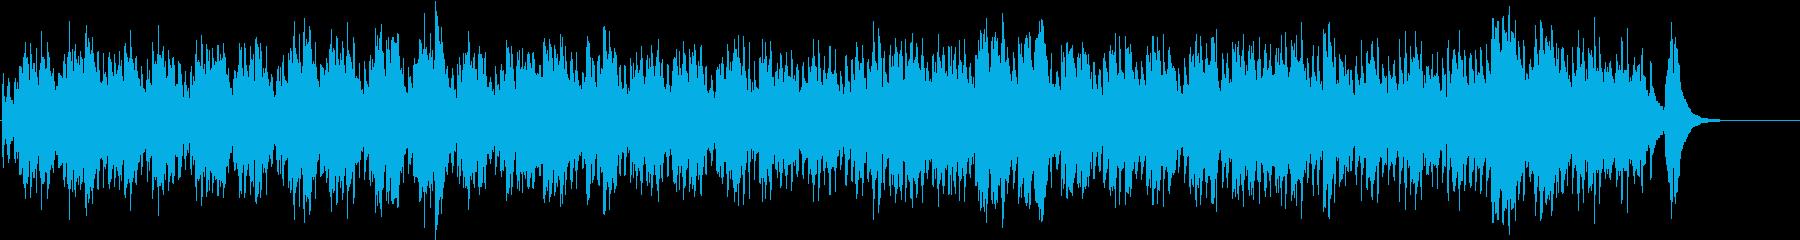 平均律第1番 前奏曲 バッハ ハープの再生済みの波形